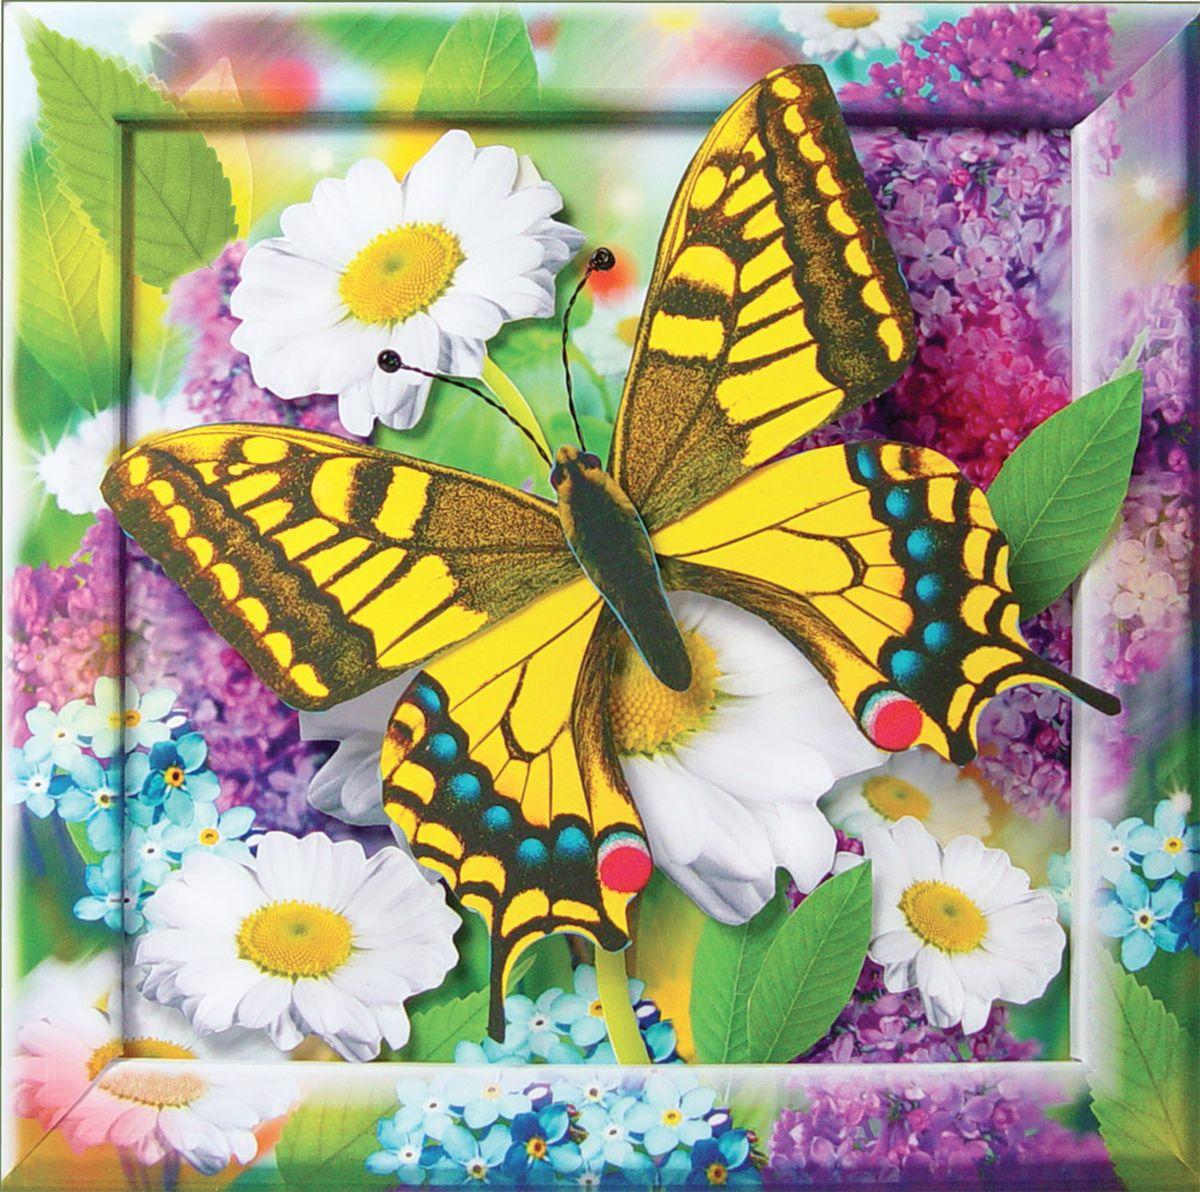 Поделка из цветов и бабочек своими руками